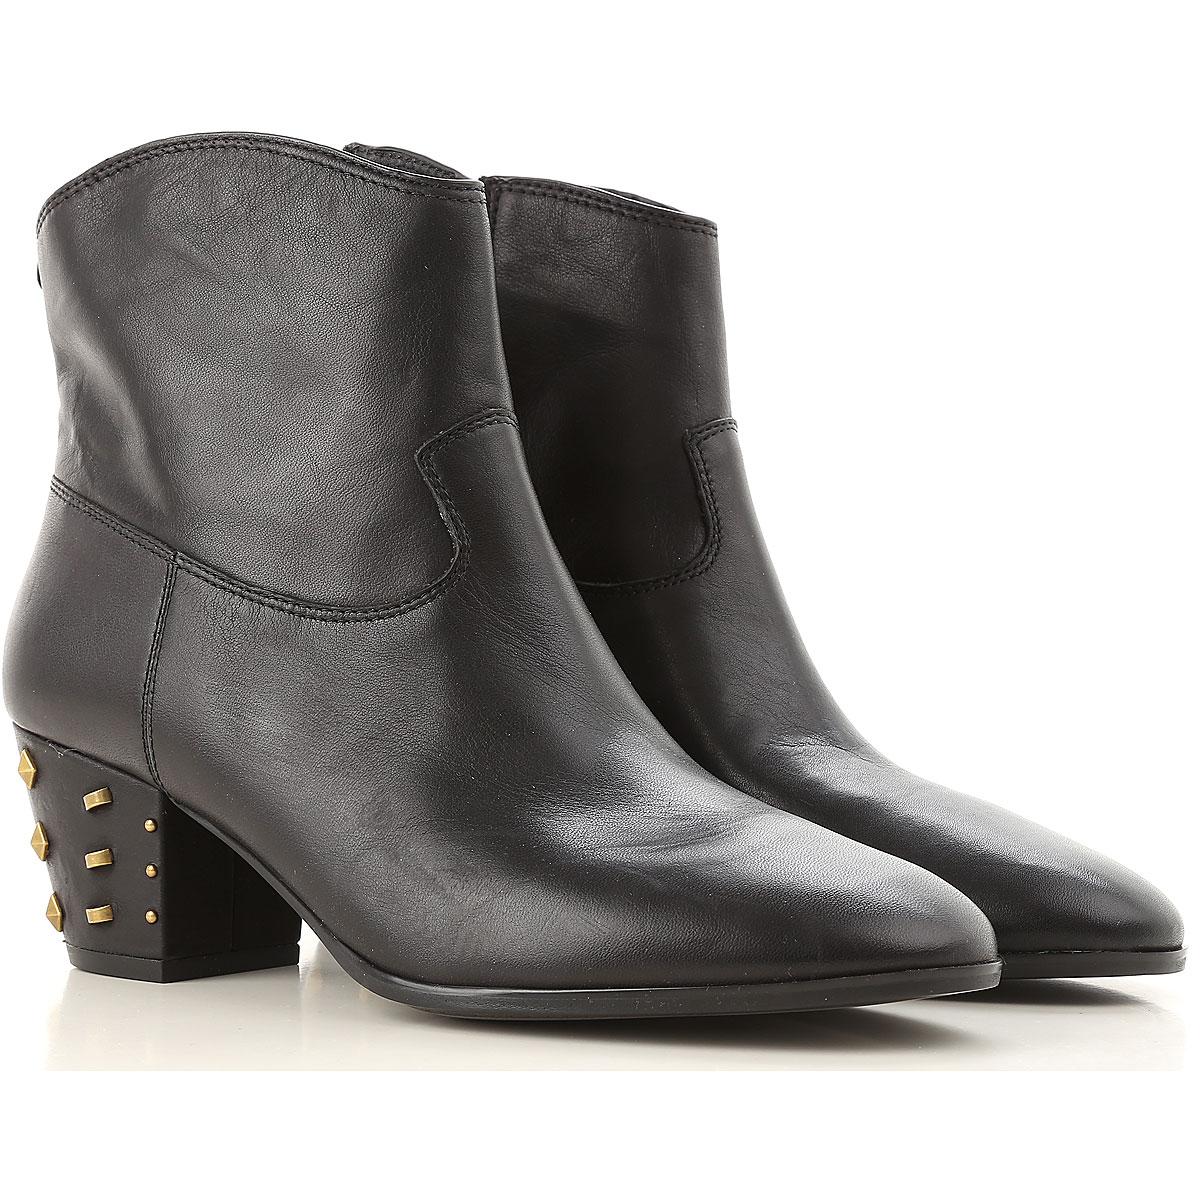 e357b3d2180 Michael Kors Laarzen voor Dames, Booties, Botten, Botjes, Boots In  Aanbieding,